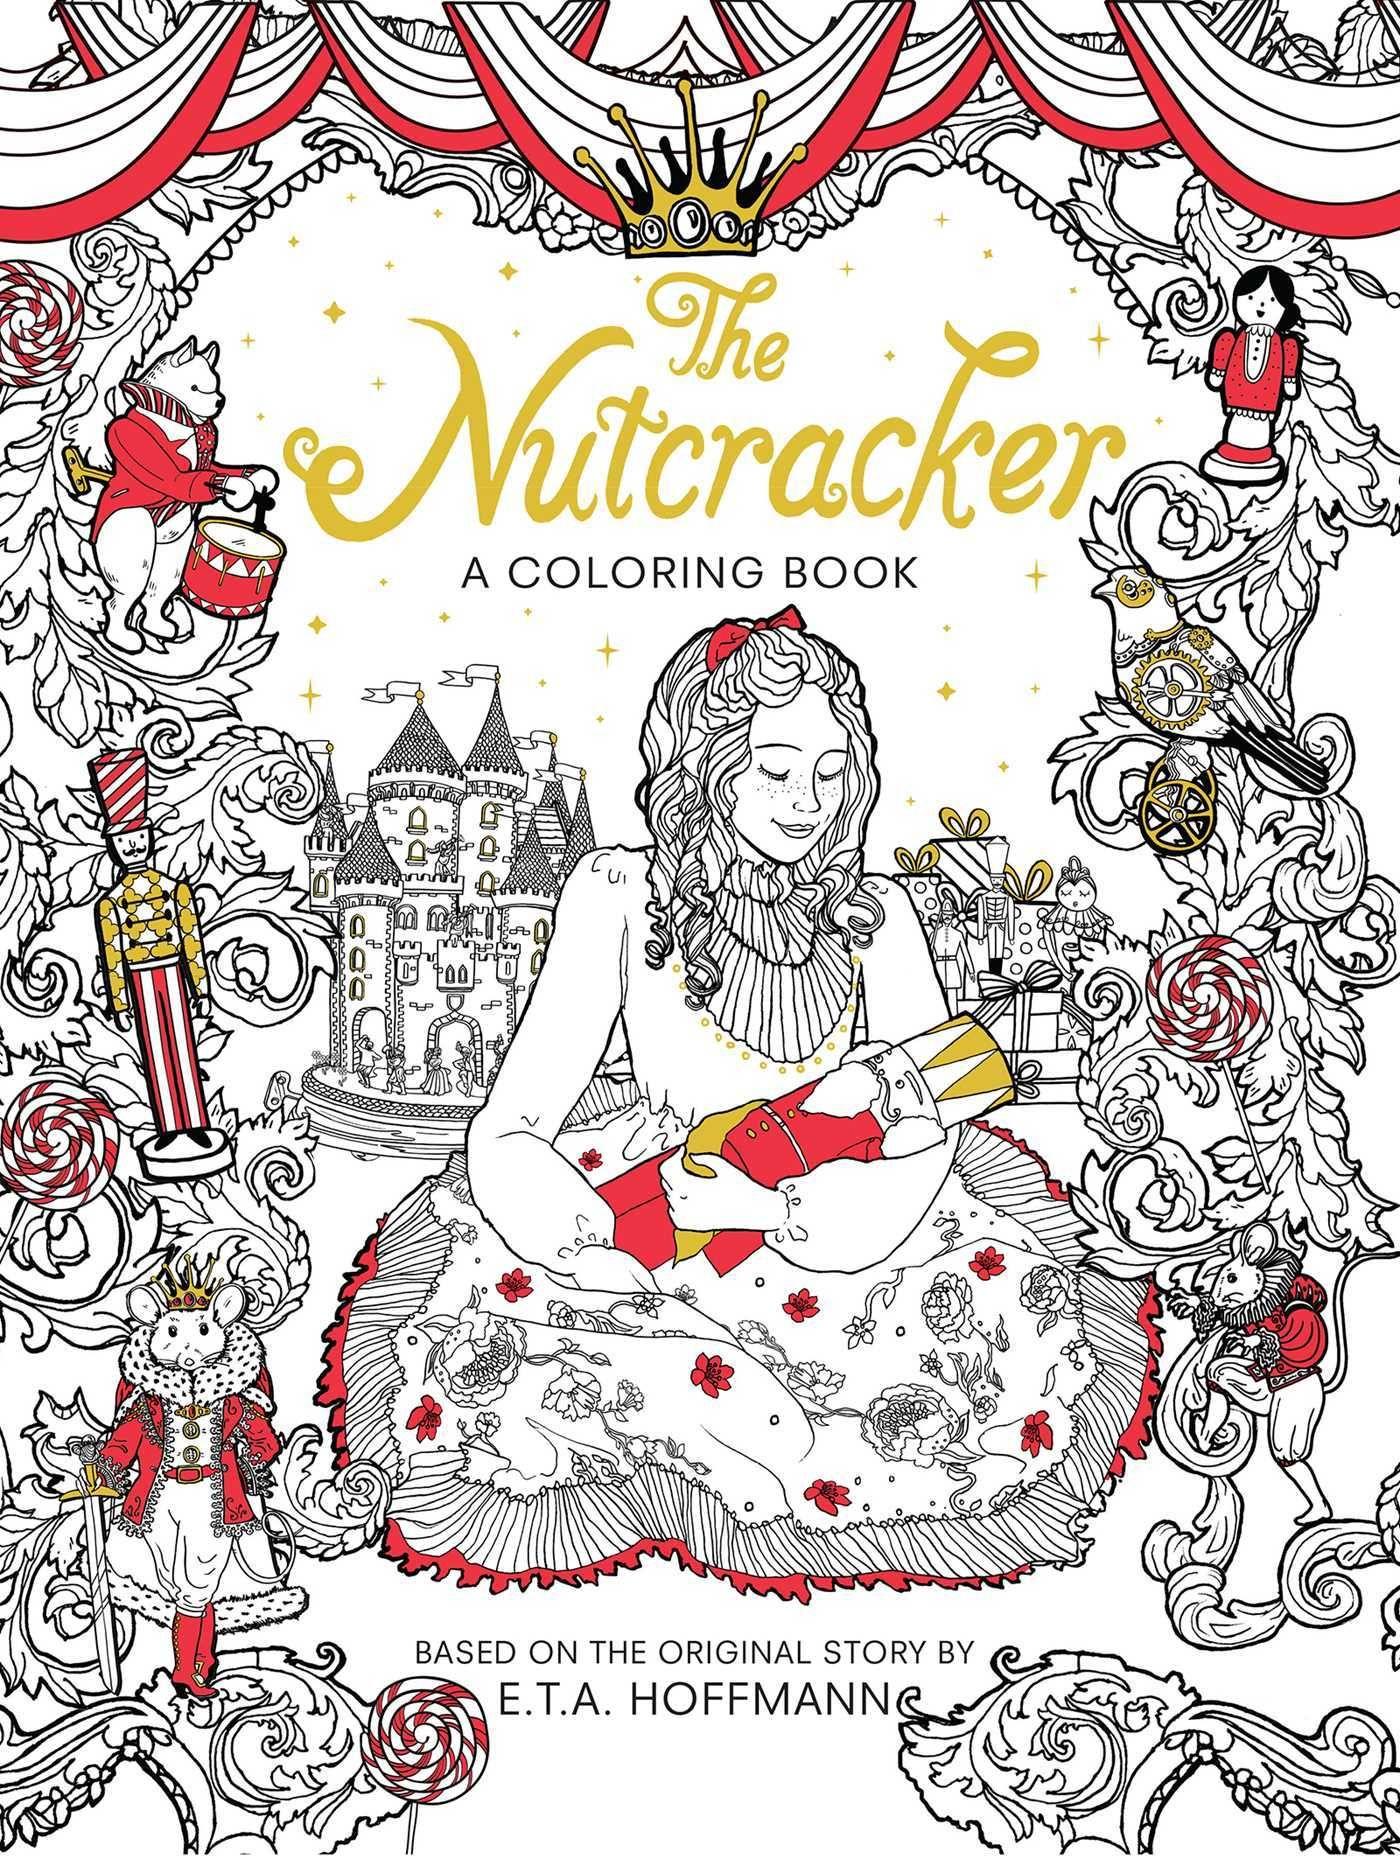 Pdf Download Classic Coloring Nutcracker By Editors Of Macmillan Children S Books Free Epub Coloring Books Coloring Book Download Holiday Coloring Book